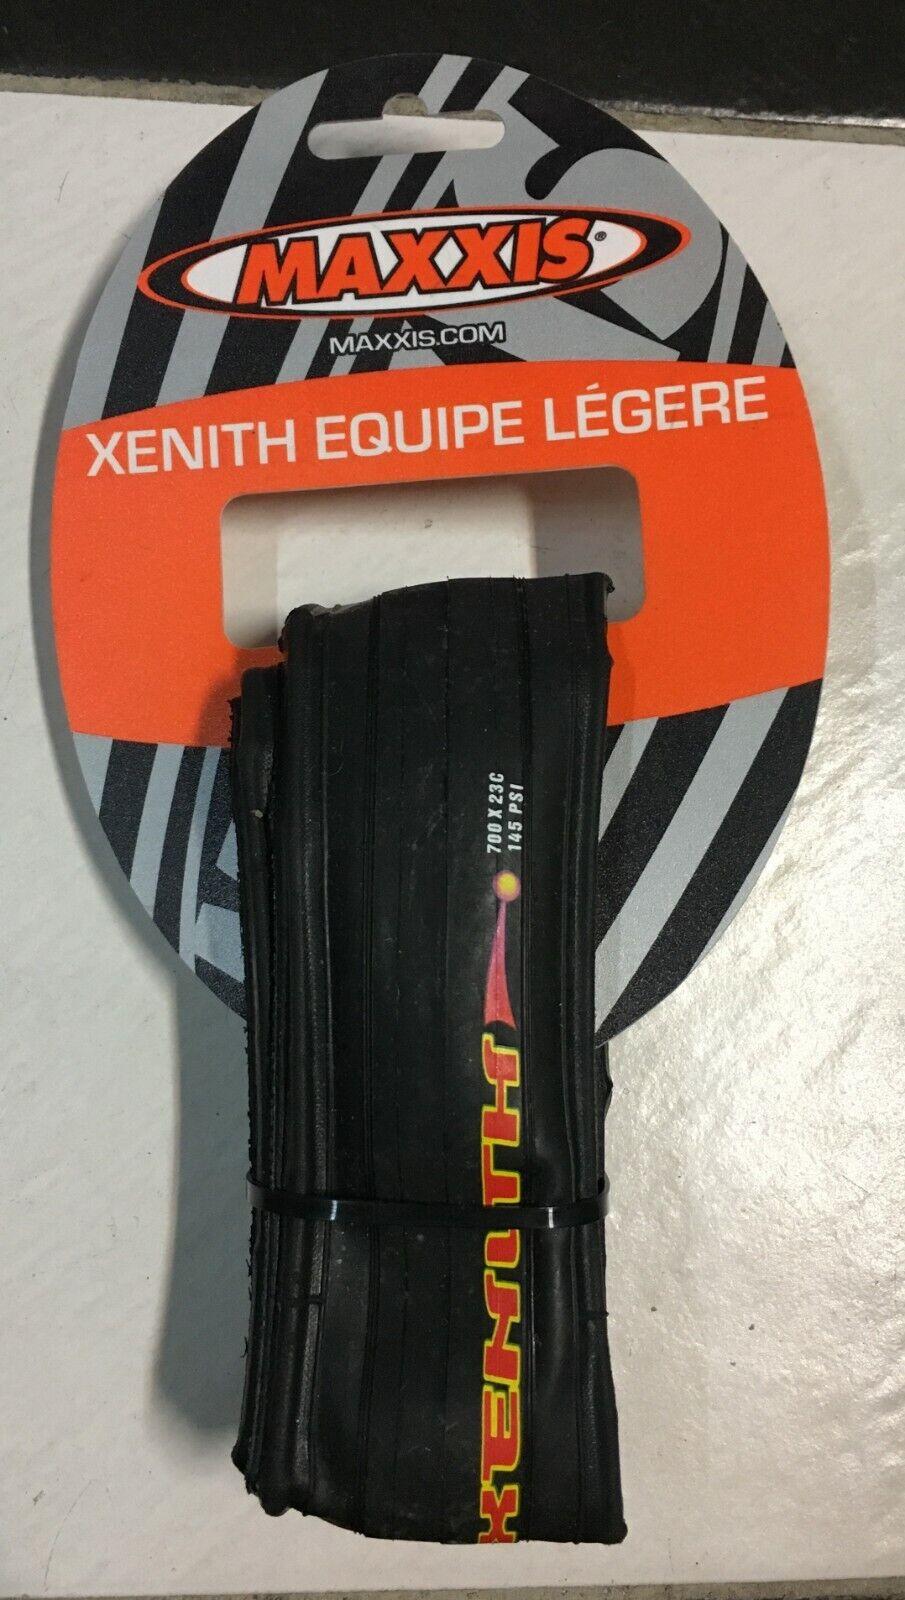 Copertoncino Bici Corsa pieghevole Maxxis Xenith Equipe Legere 700x23 Bike Tire